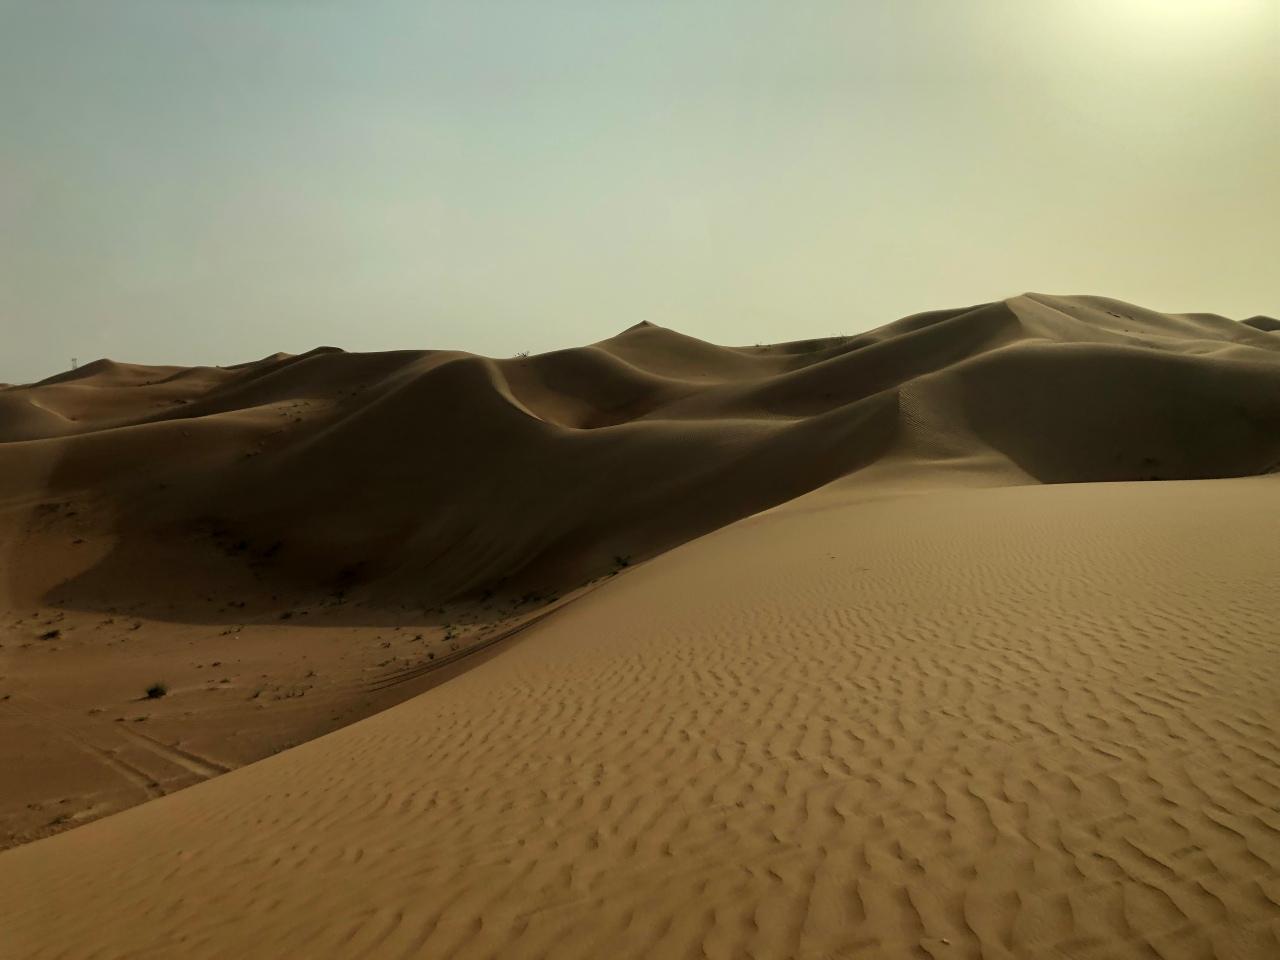 Desert in Dubai or location for Tatooine...